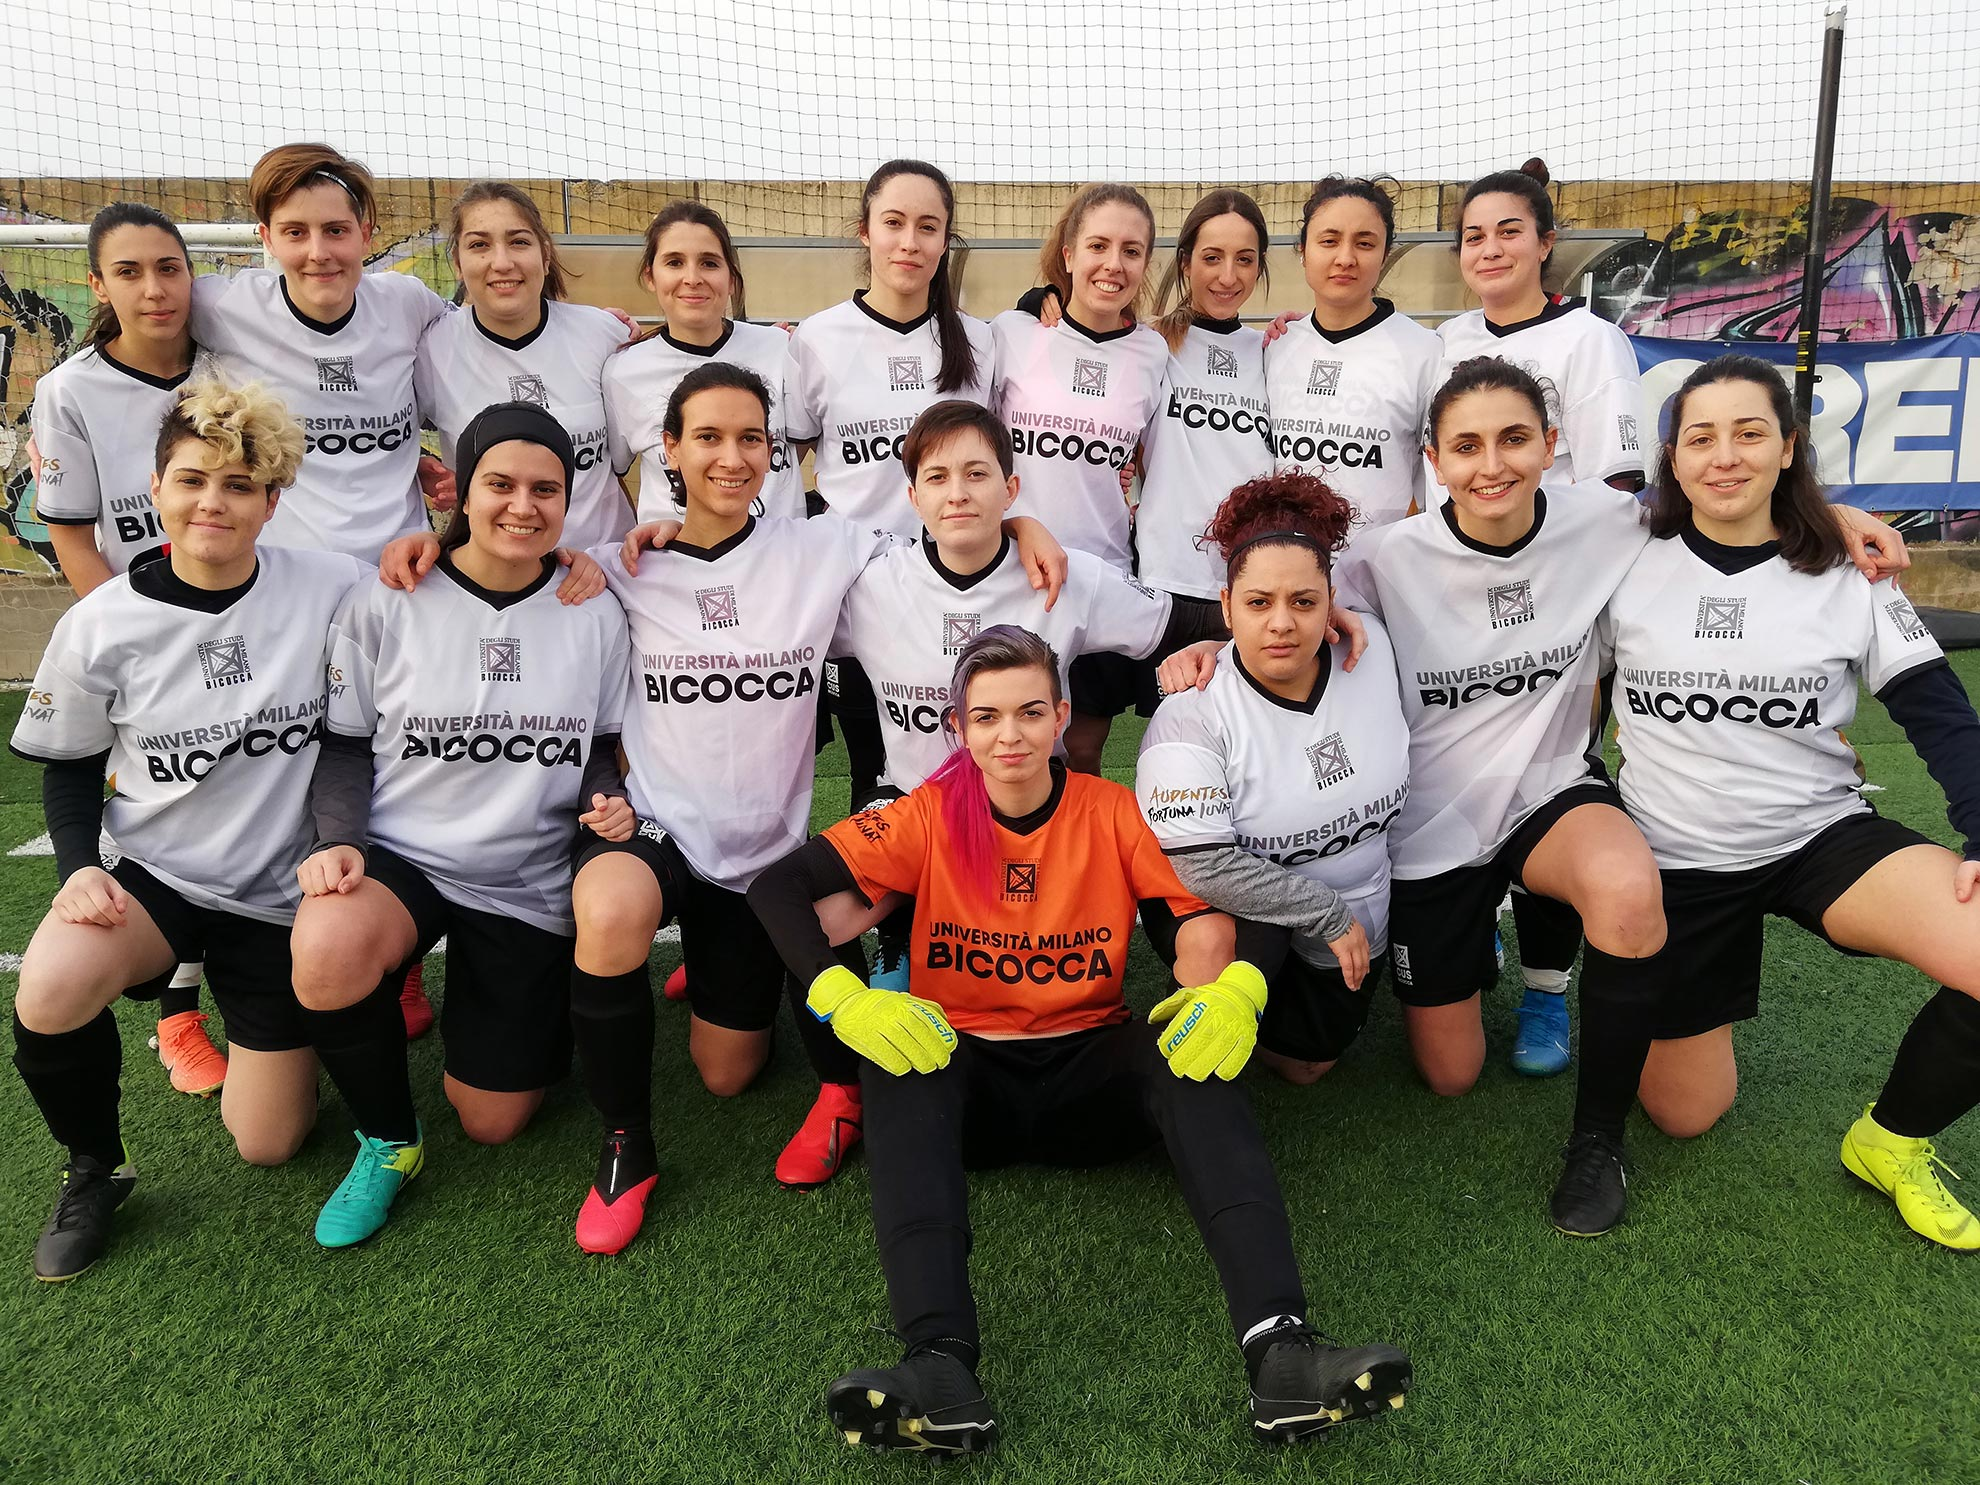 CUS Bicocca • calcio femminile 2019/20 • federale